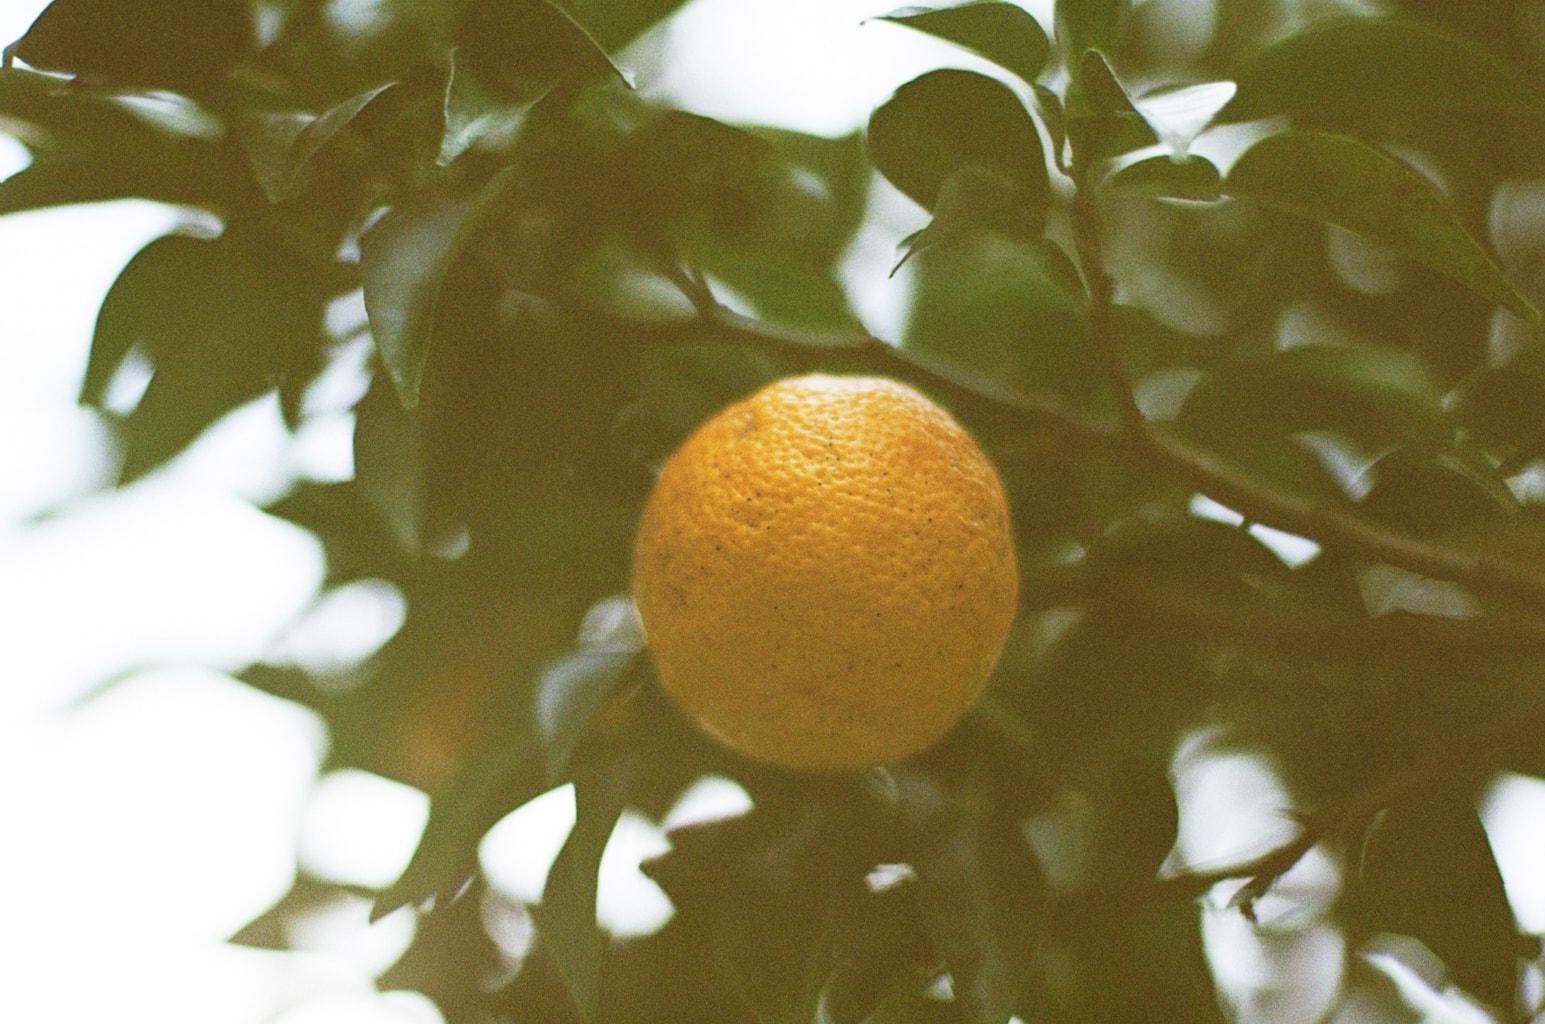 冬至イメージ。枝に実る柚子